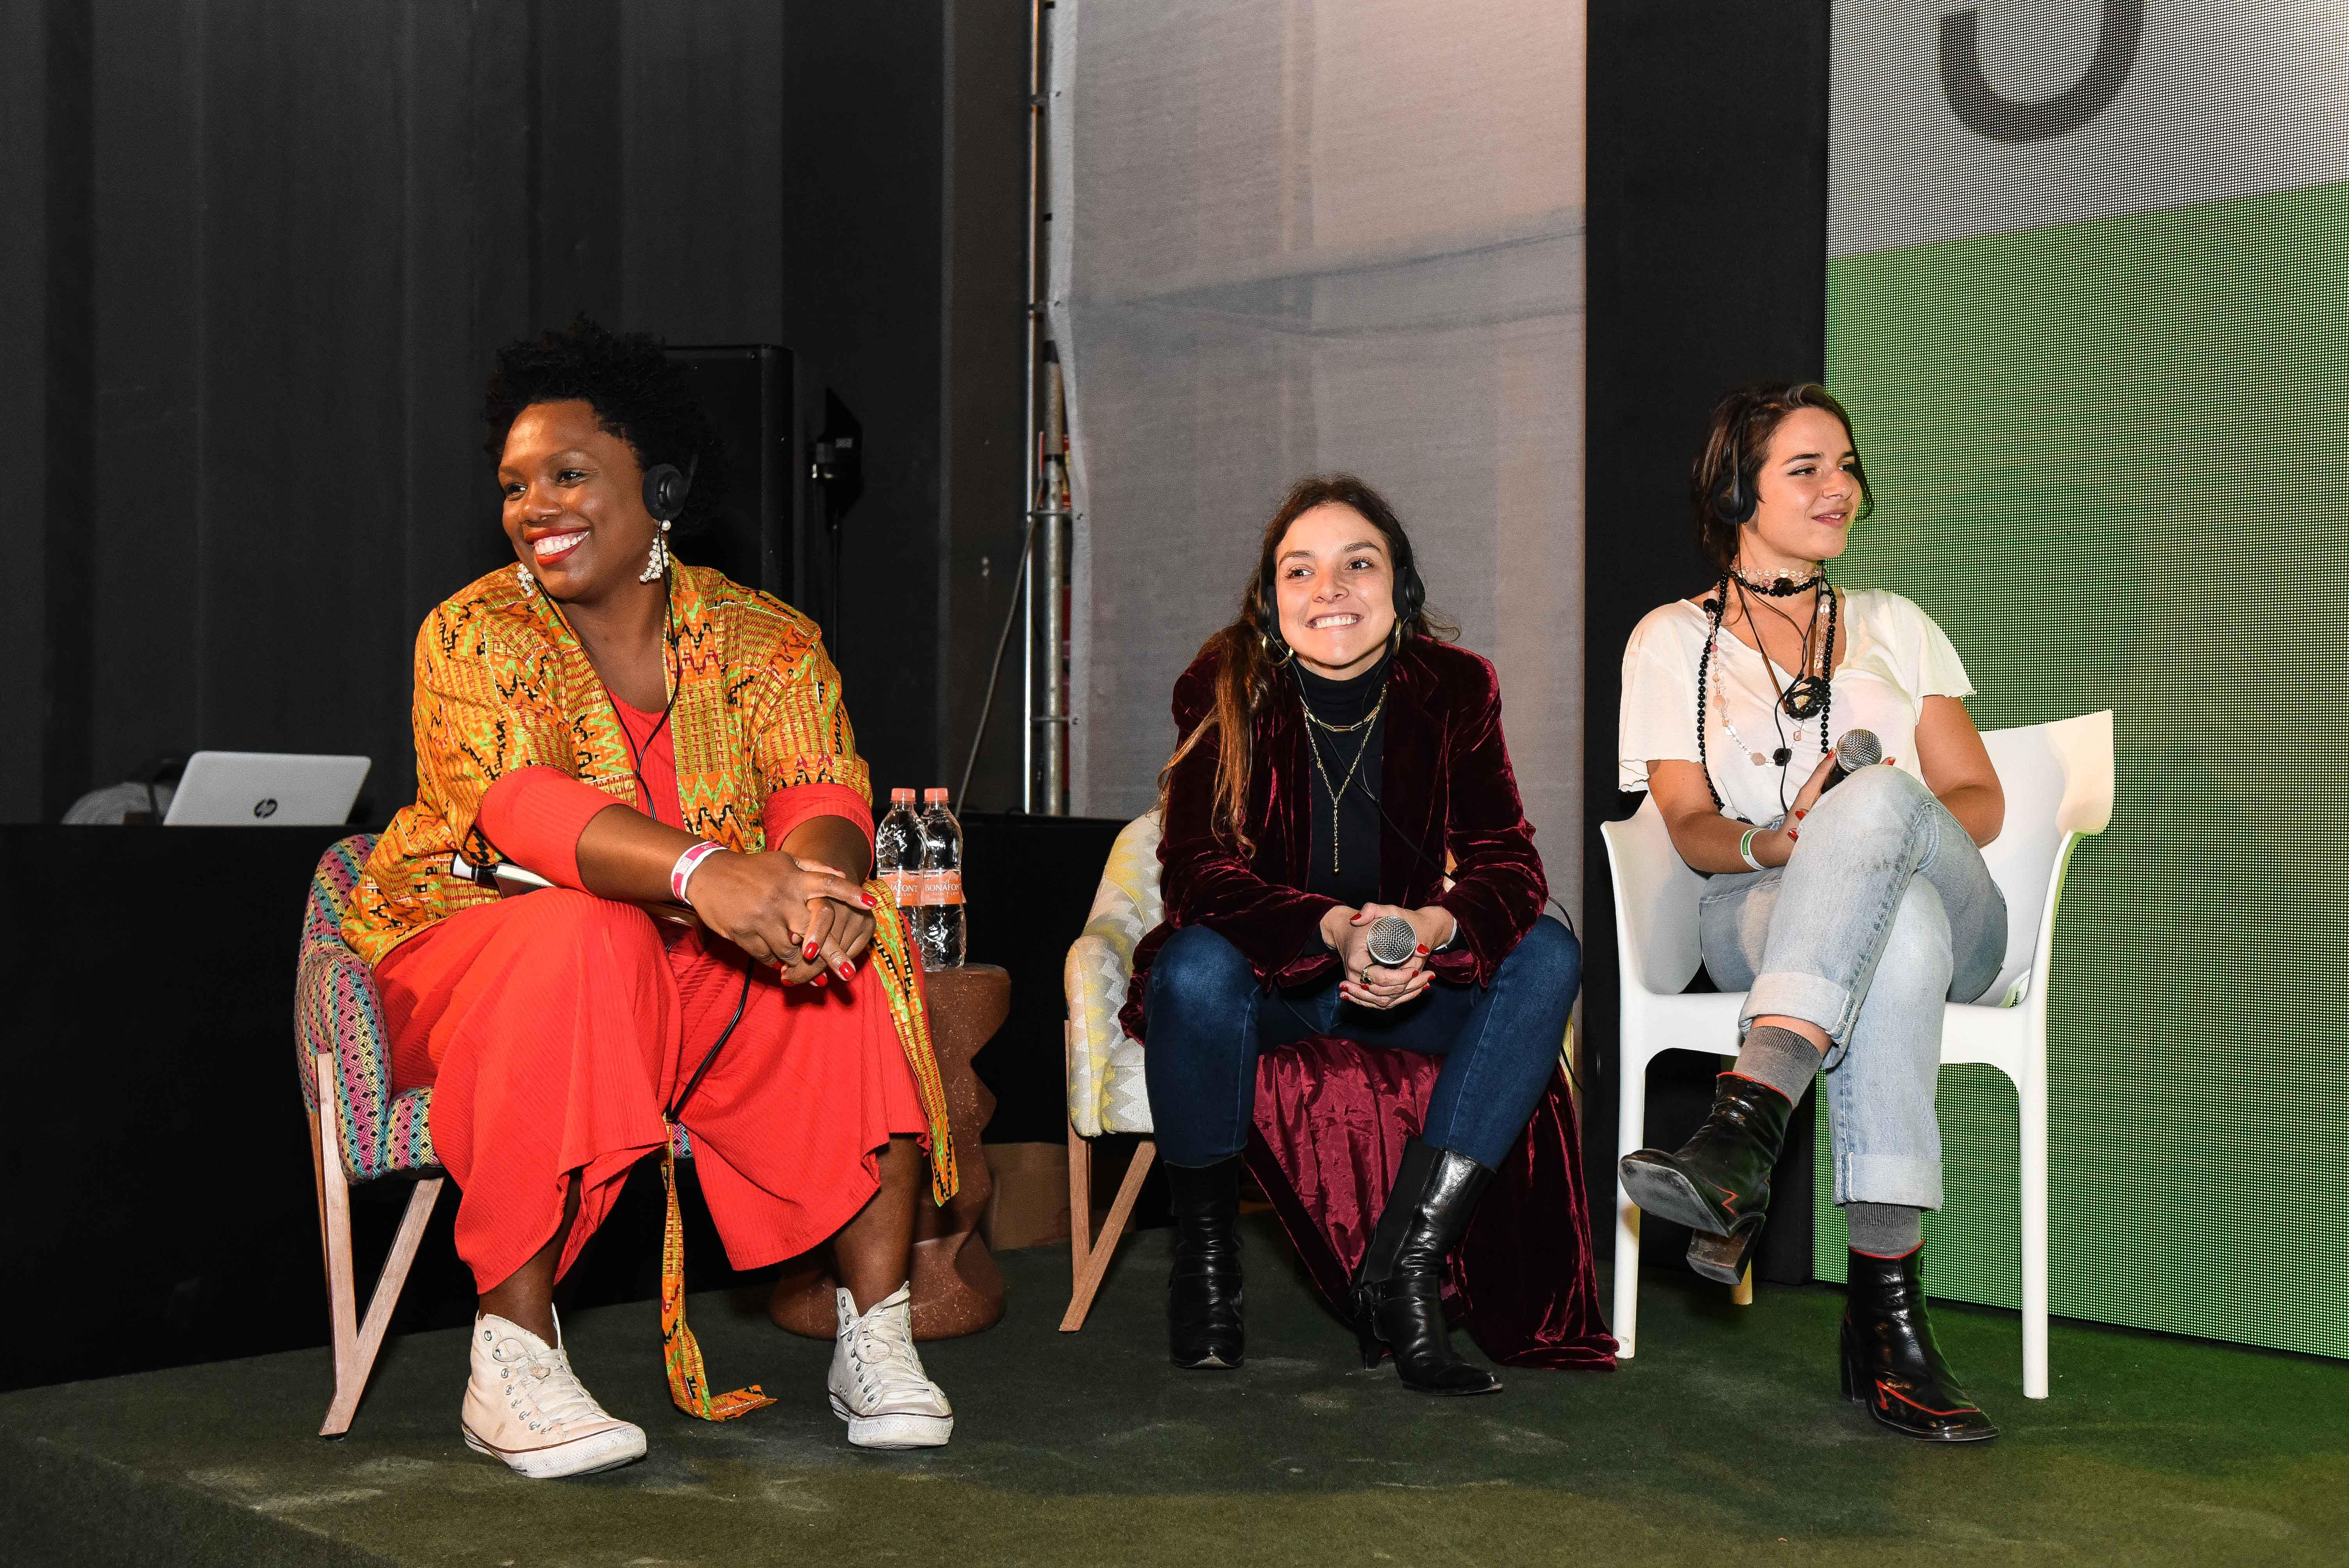 Renata Martins, Yasmine Sterea e Vitória de Mello Franco © GABRIEL CAPPELLETTI / AGÊNCIA FOTOSITE